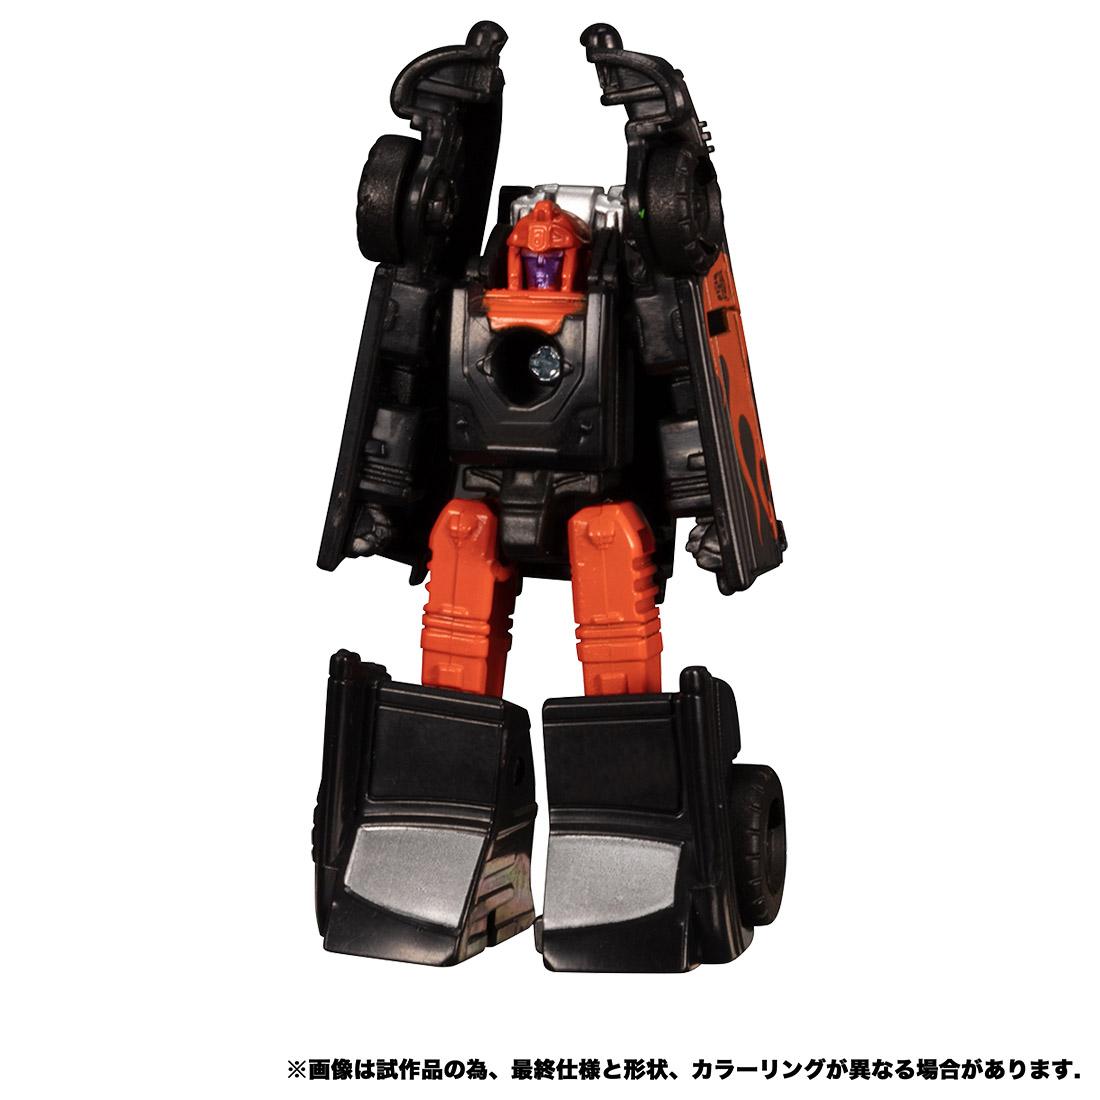 【限定販売】トランスフォーマー アースライズ『ER EX-03 トリップアップ&ダディーオー』可変可動フィギュア-003